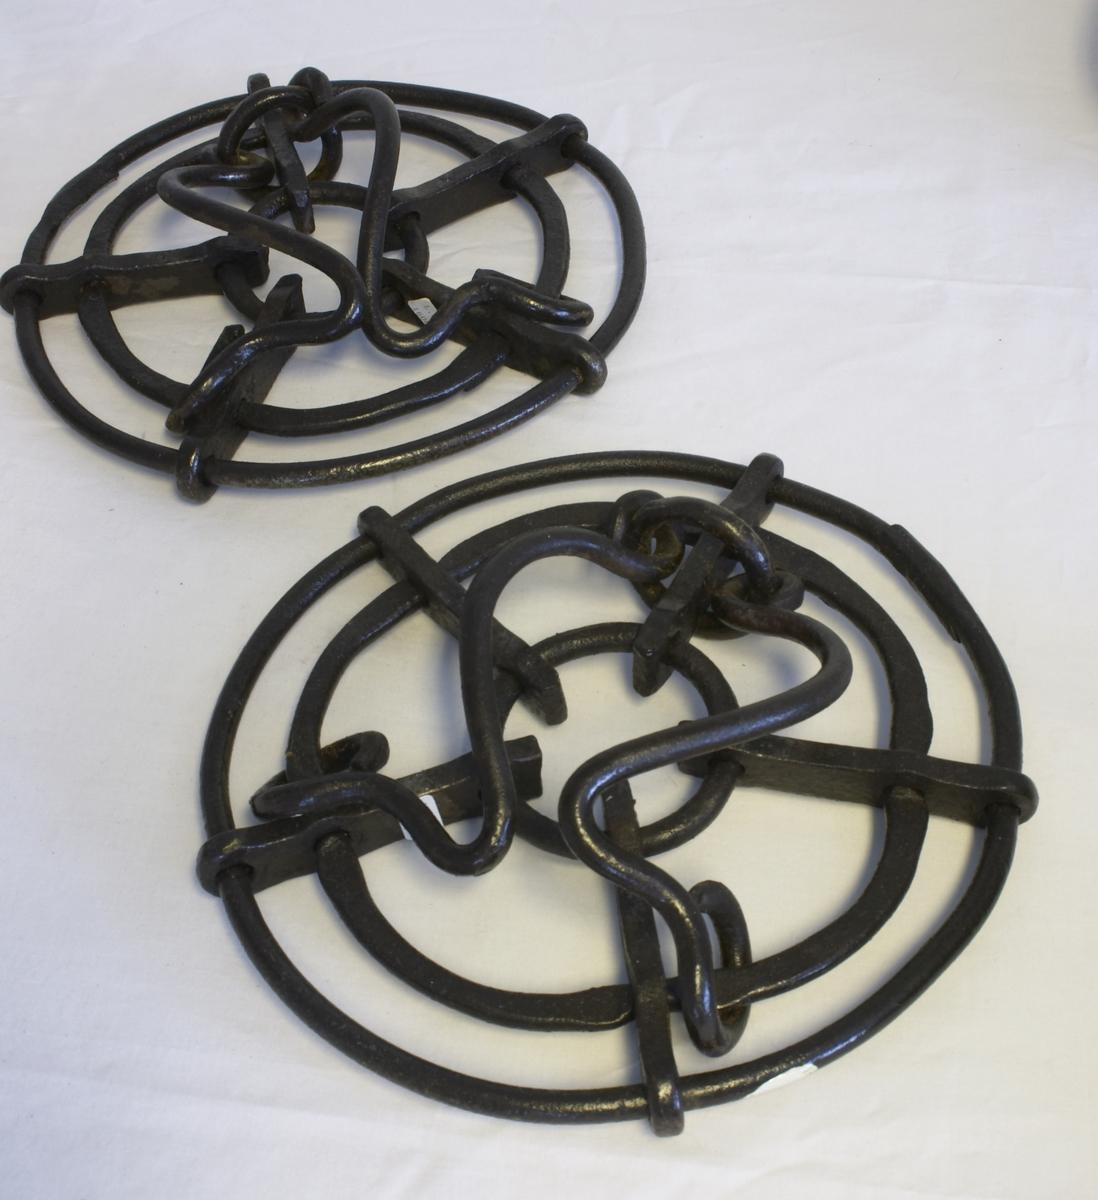 To truger til hest. Tre ringer - en stor, en mindre og en liten. Disse har fem tverrskruer som ringene går gjennom. To jernbøyer festet i løkker til trugene i midterste ring. Disse er til å feste rundt hestens bein. Truger ble brukt på hestens bein om vinteren når det var mye snø.